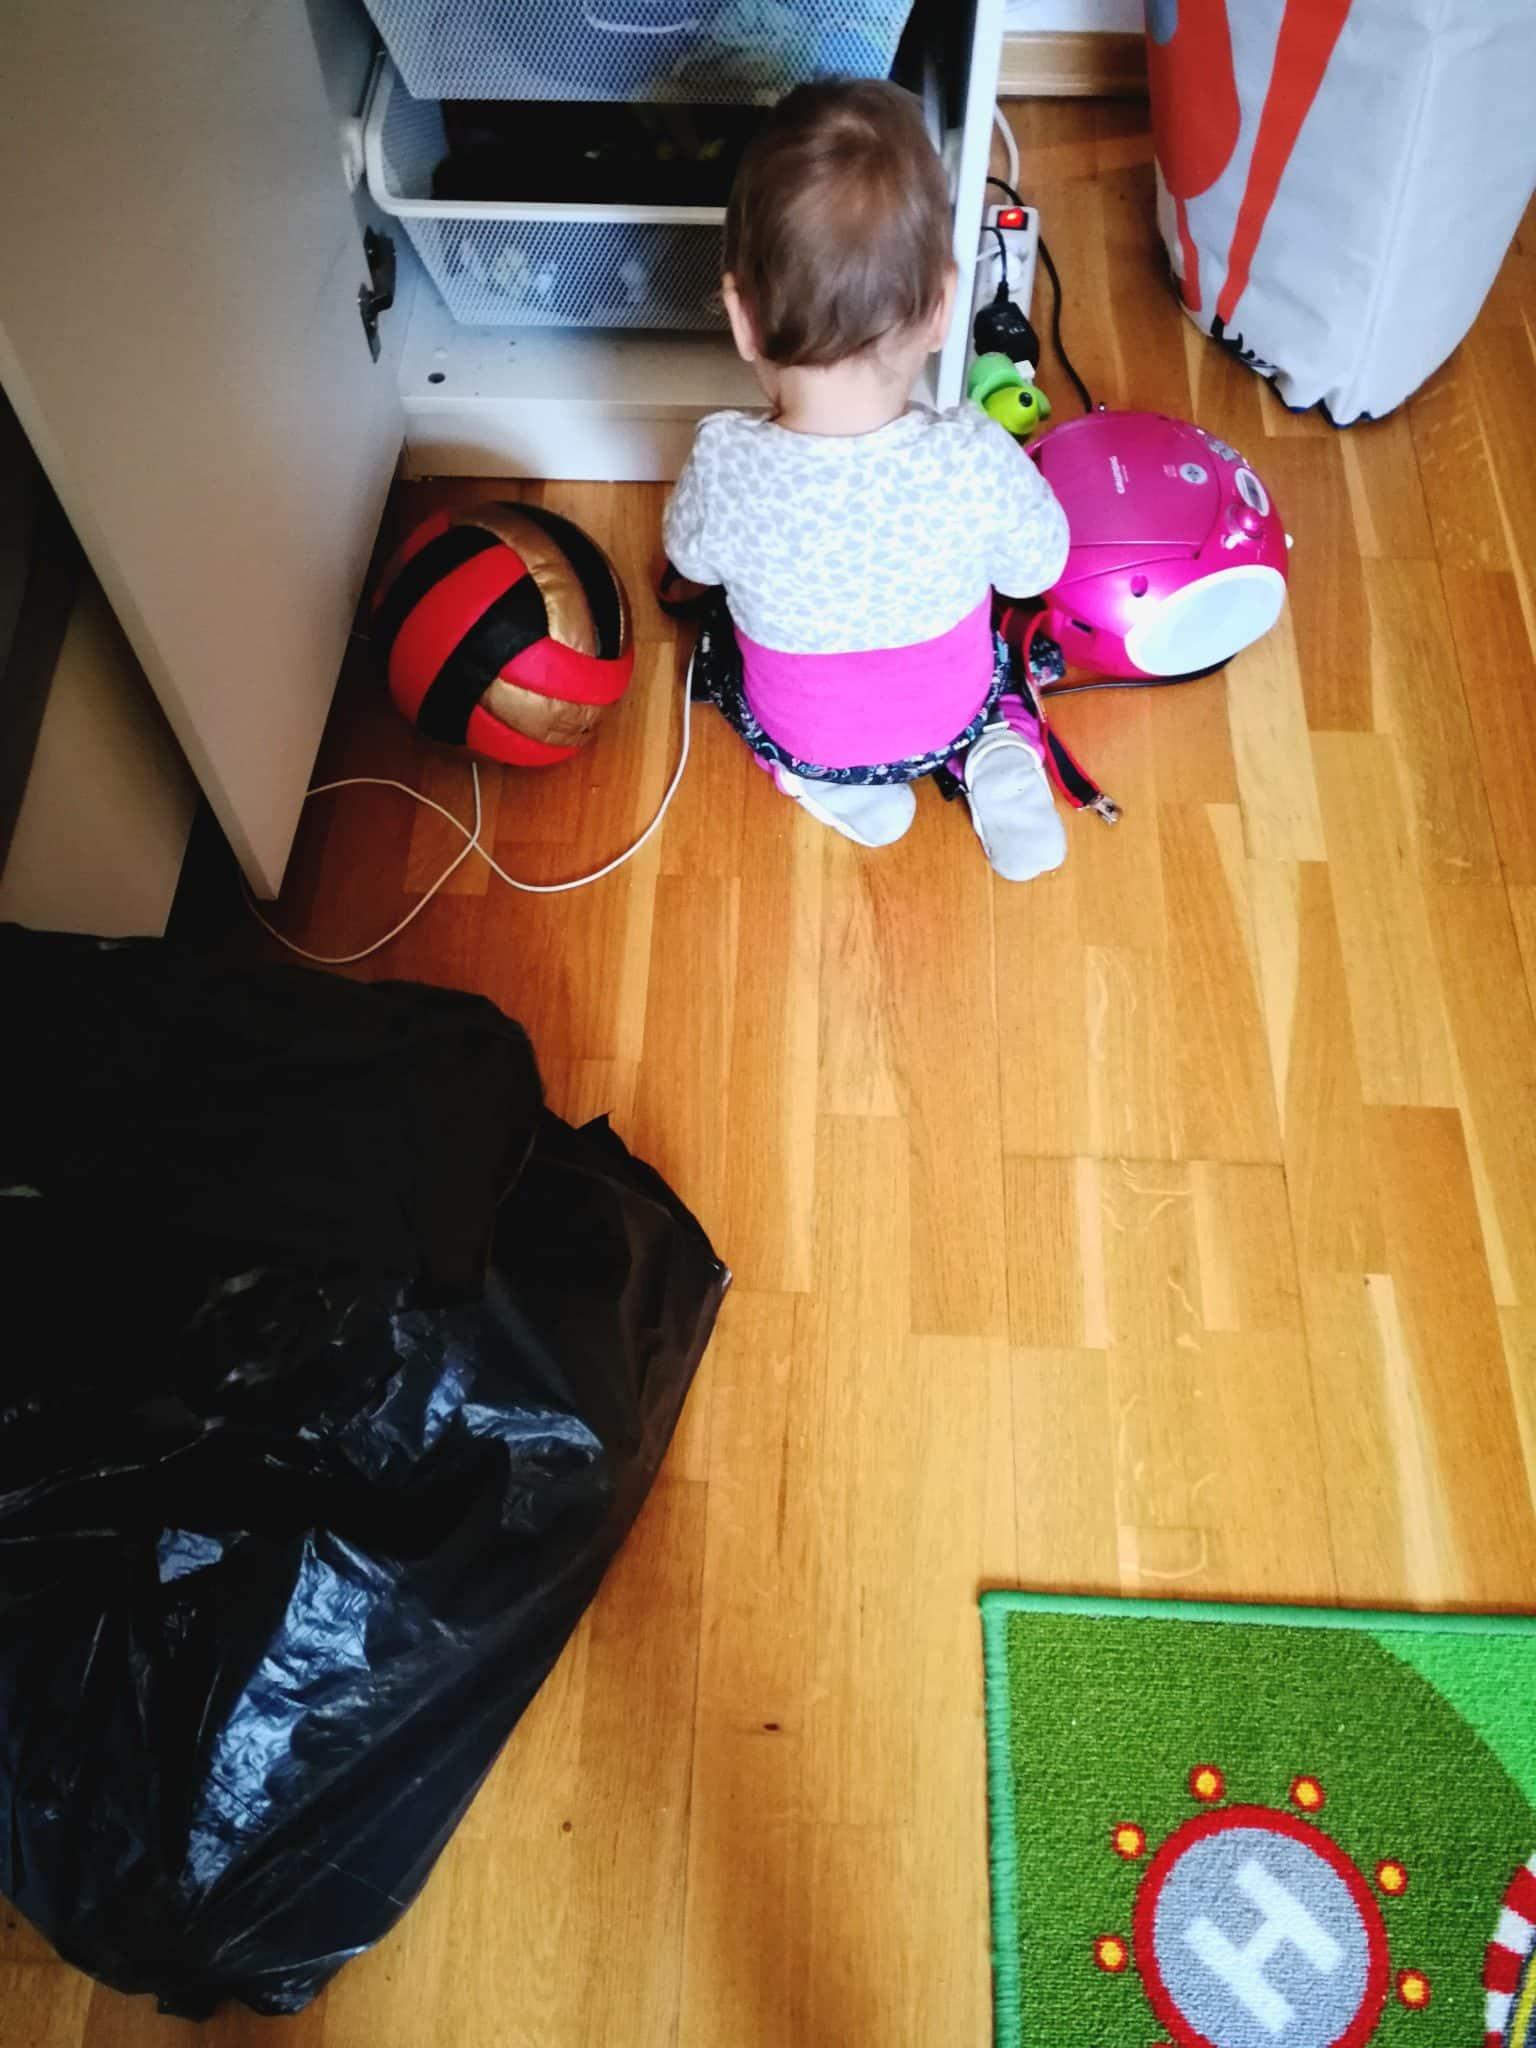 Schrank ausräumen